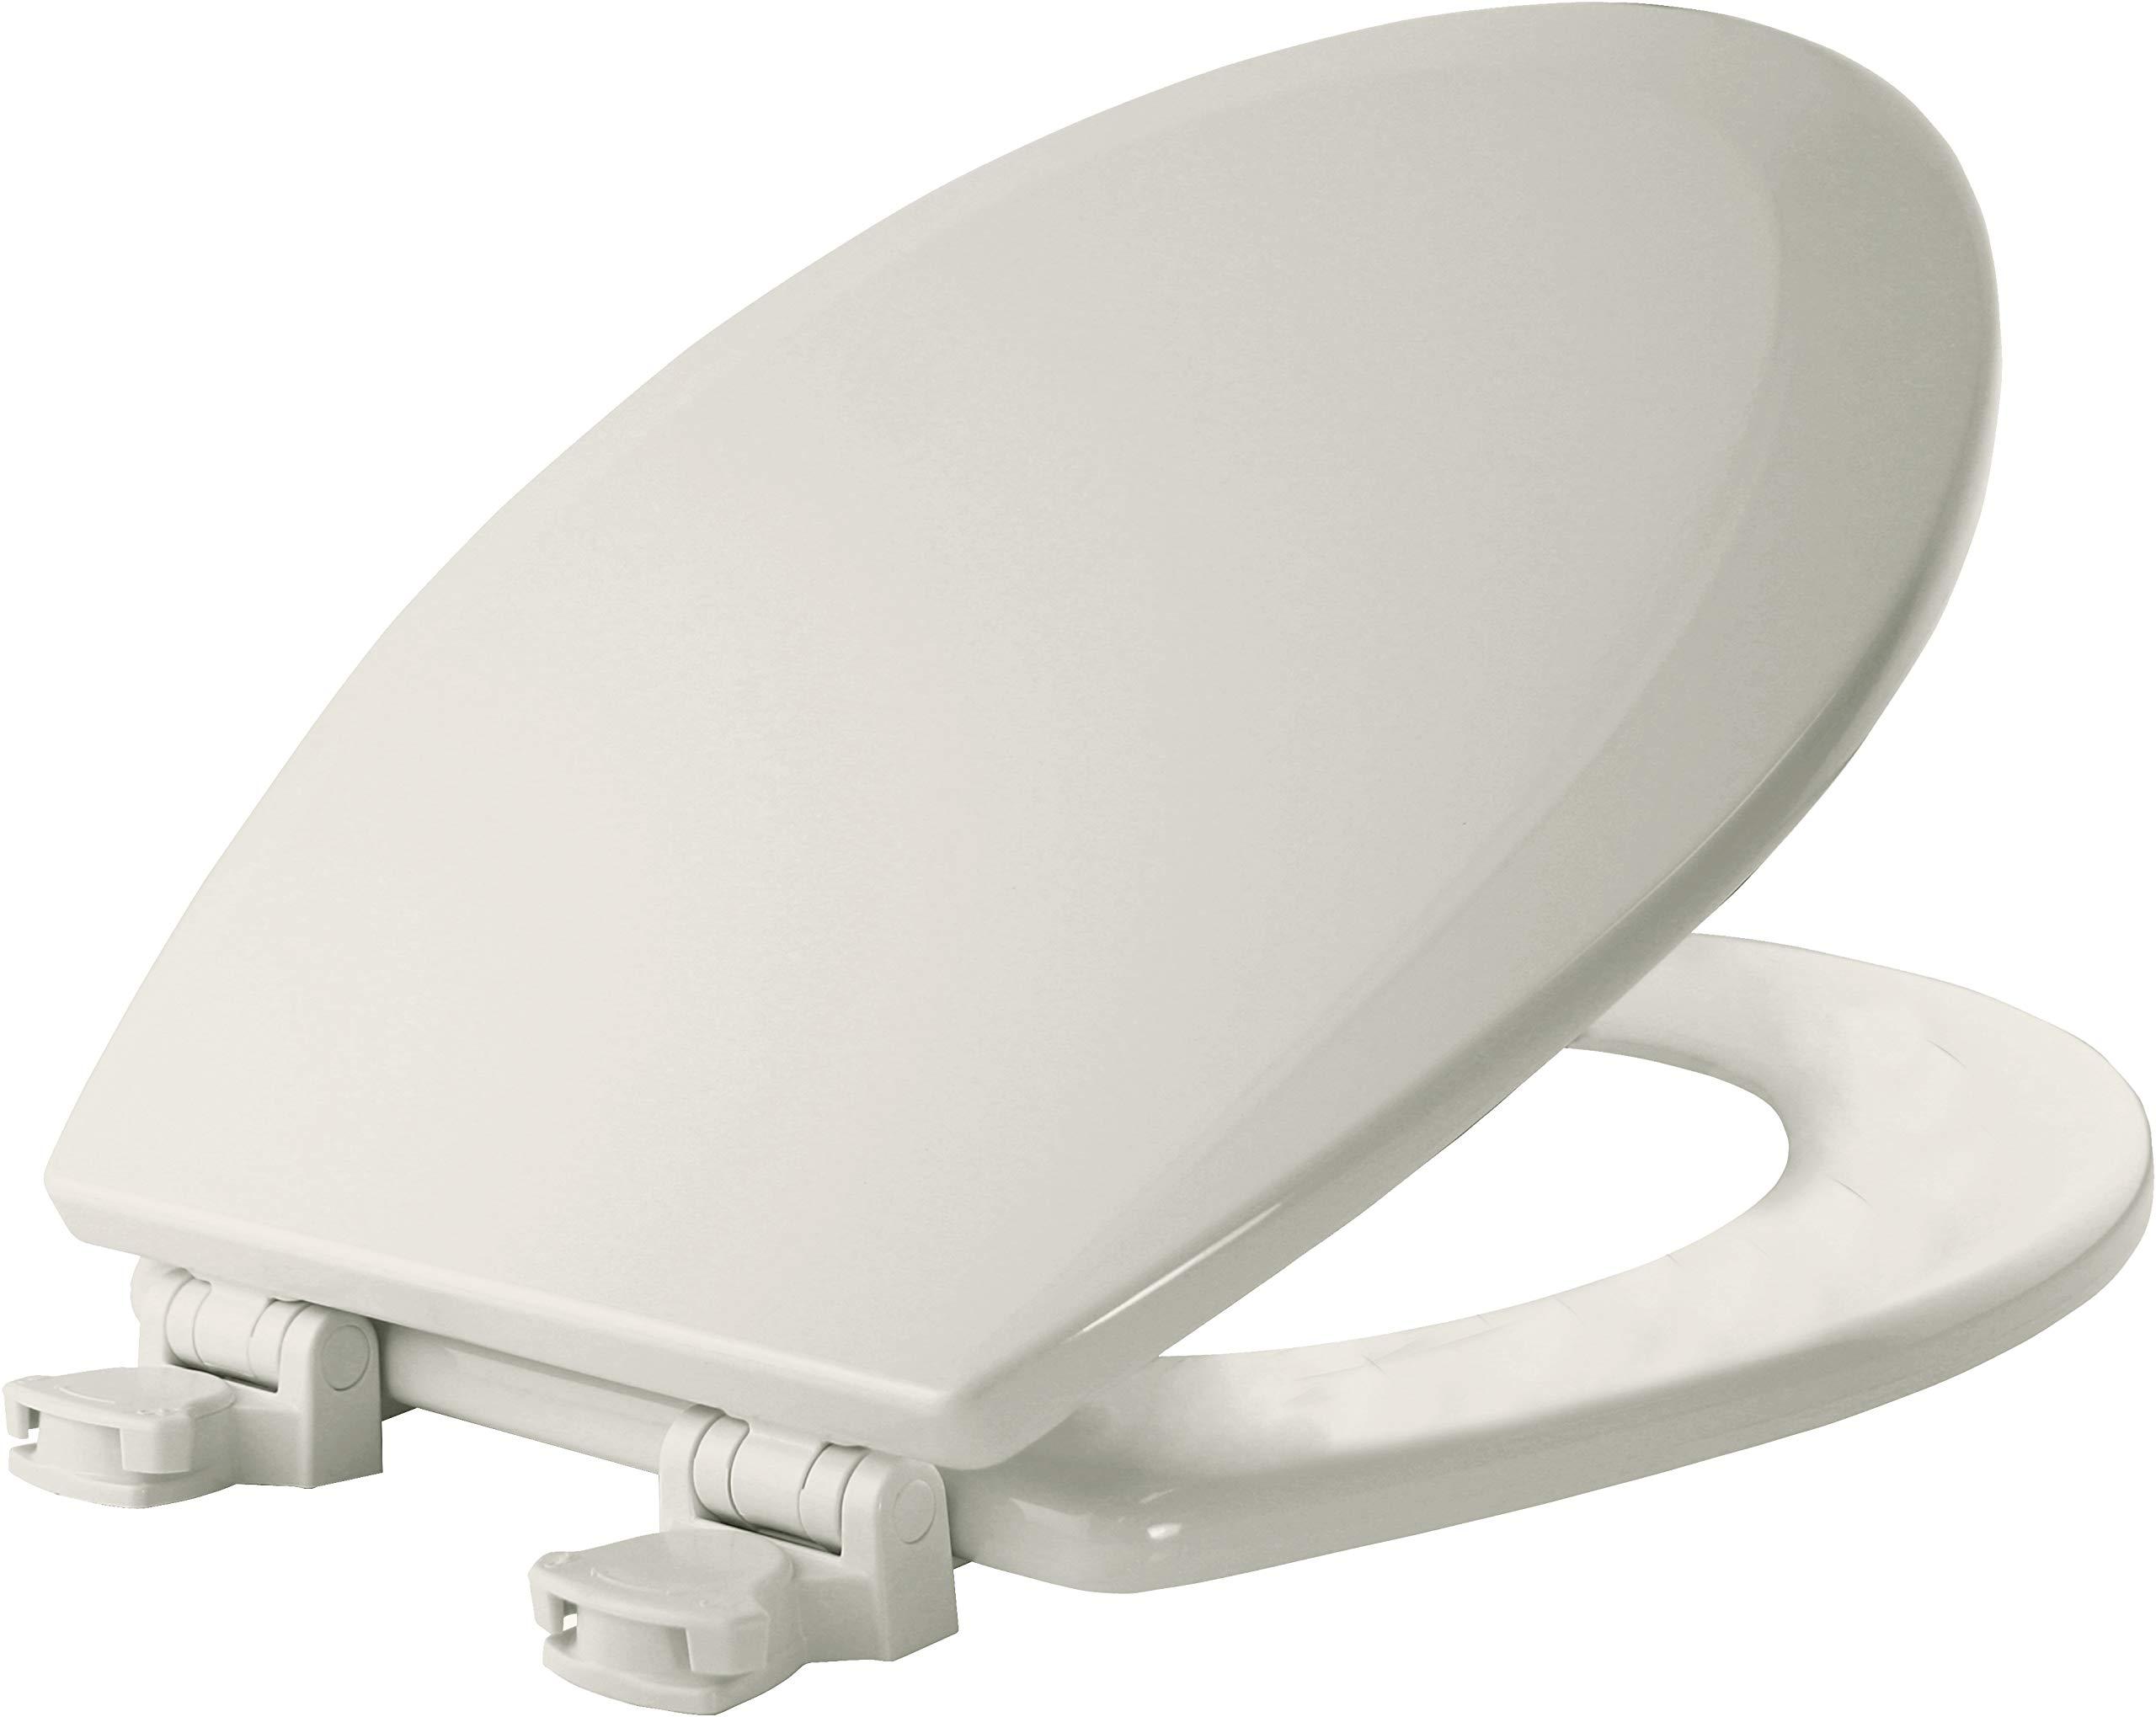 Bemis 500EC Round Toilet Change